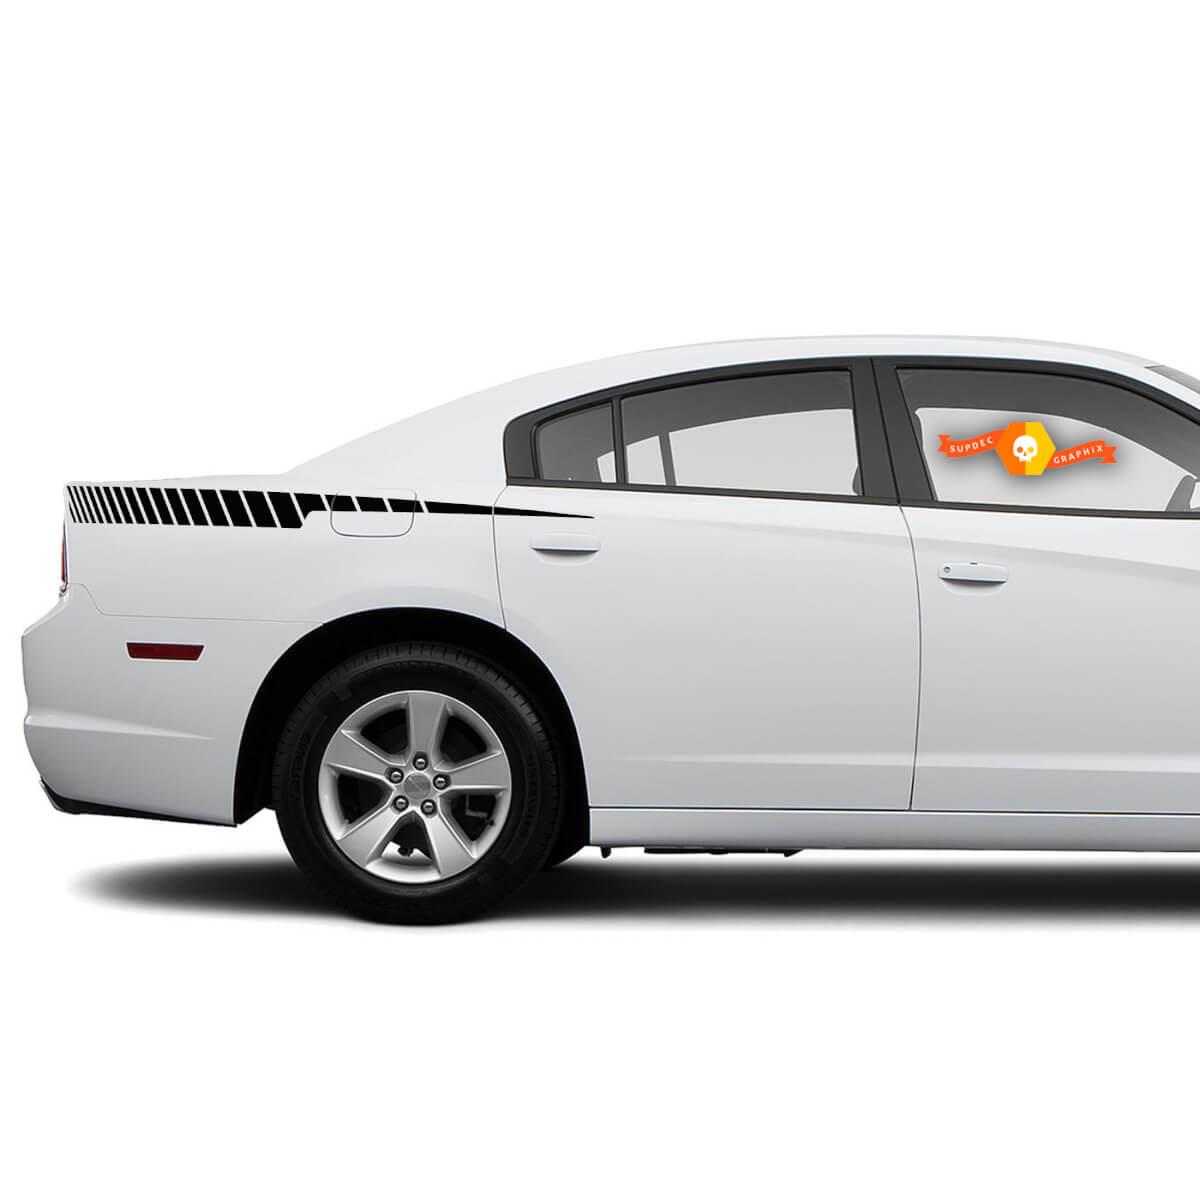 Dodge Charger Line Rasierer Aufkleber Aufkleber Seitengrafiken passen zu Modellen 2011-2014